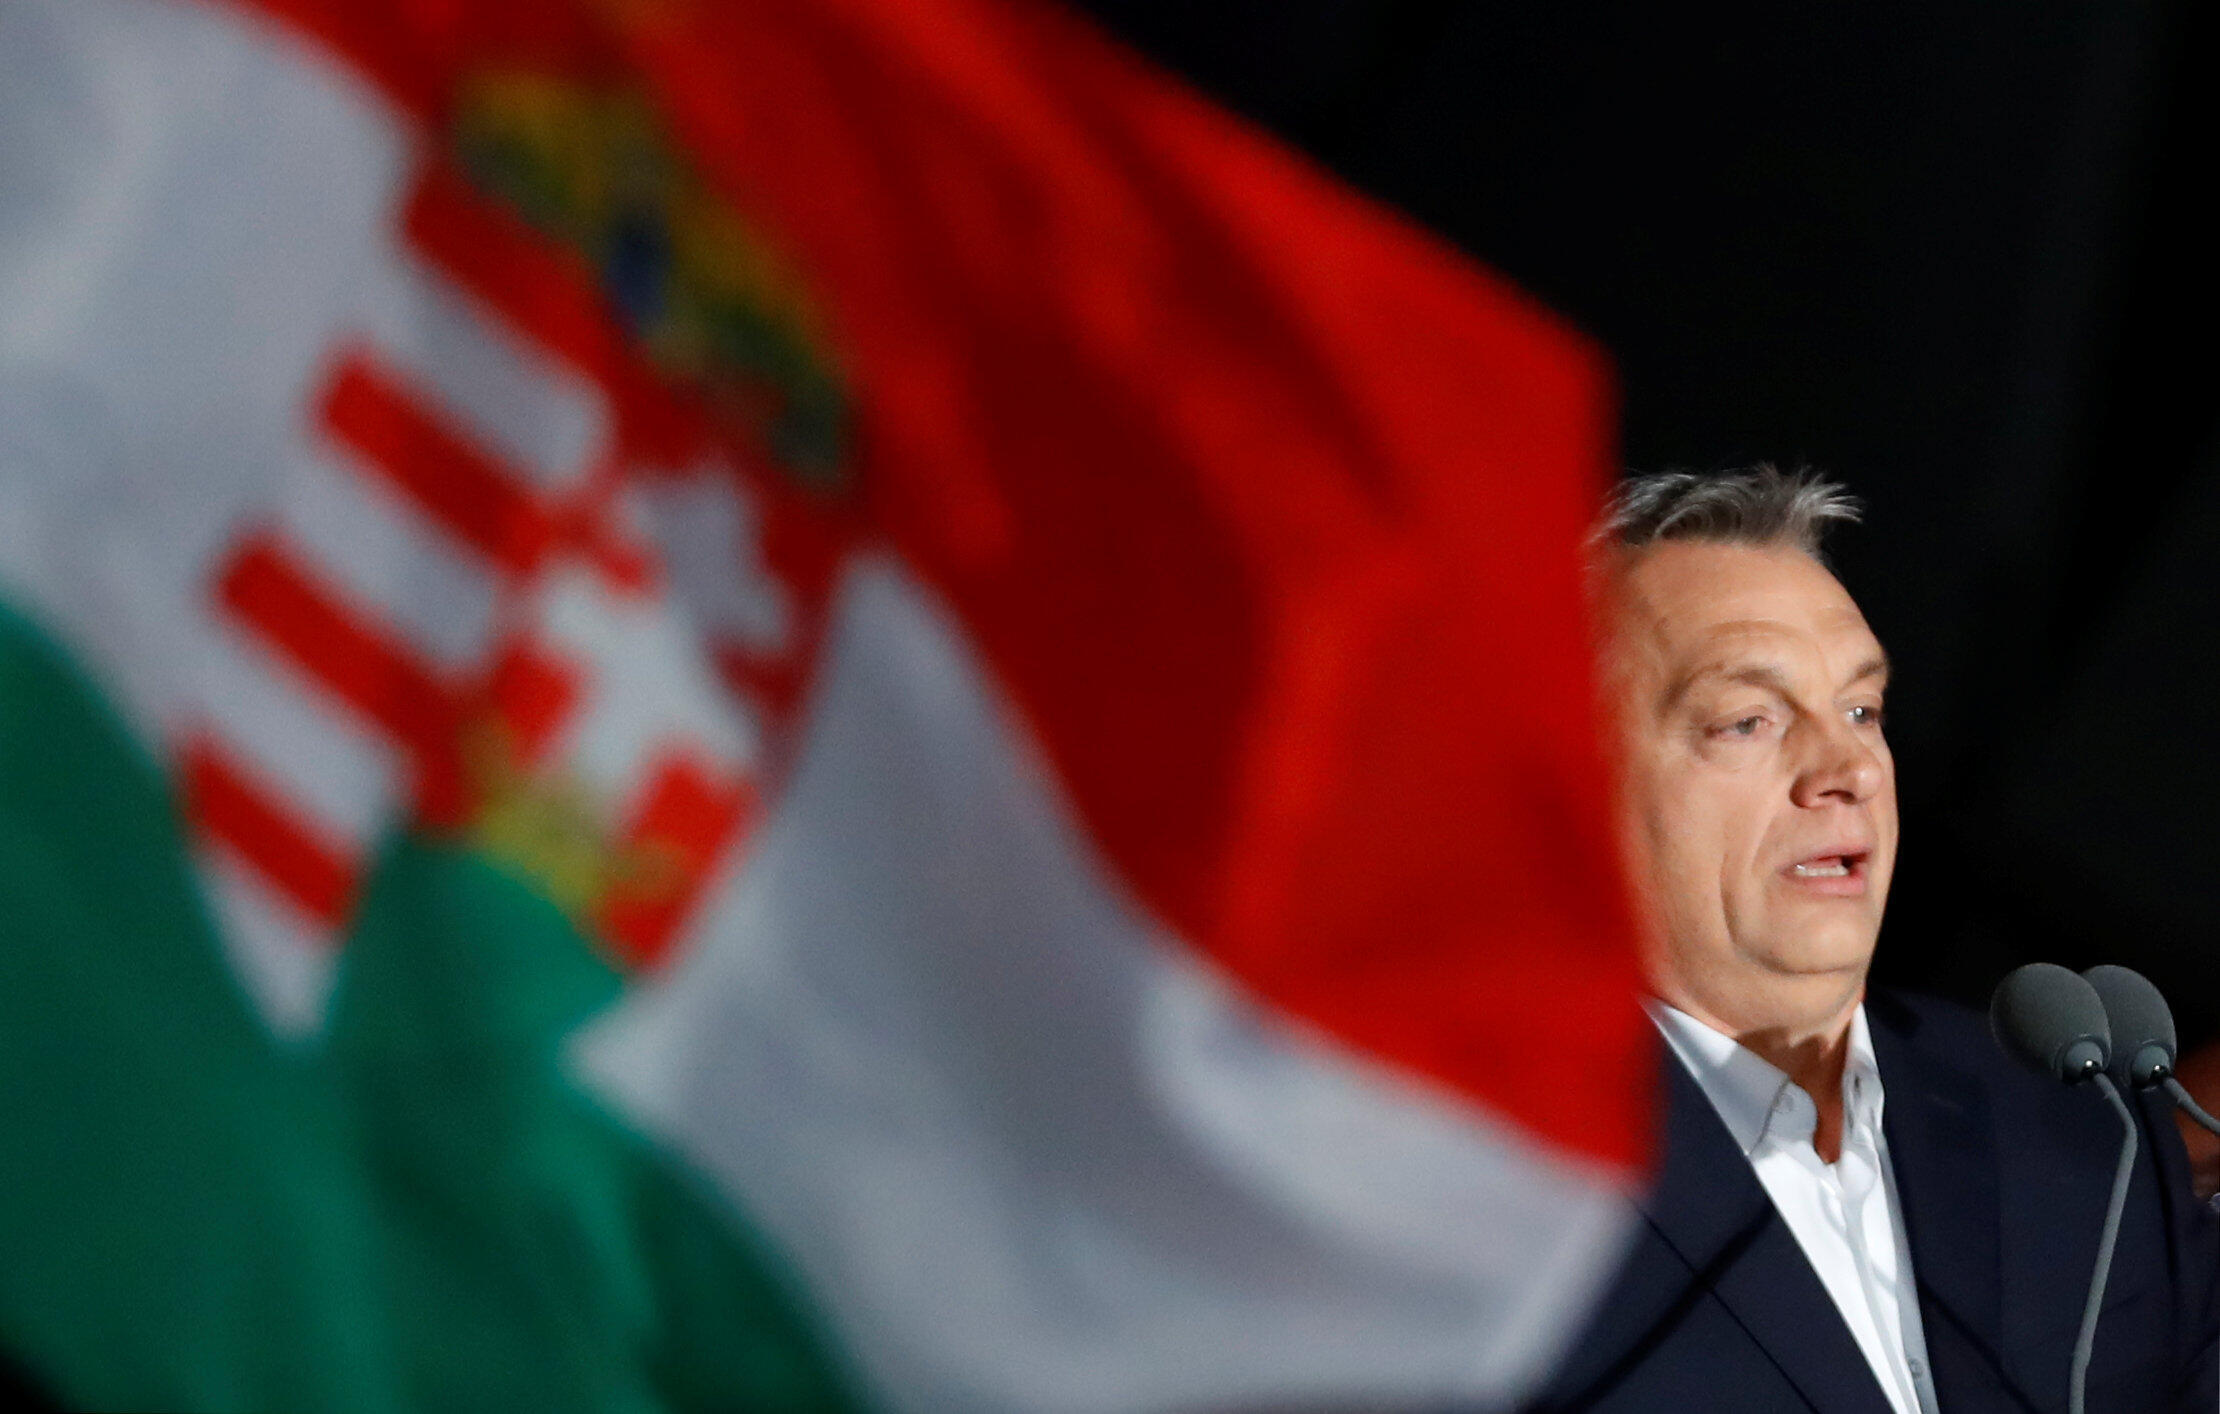 Firaministan Hungary  Viktor Orban na adawa da karbar baki a kasar